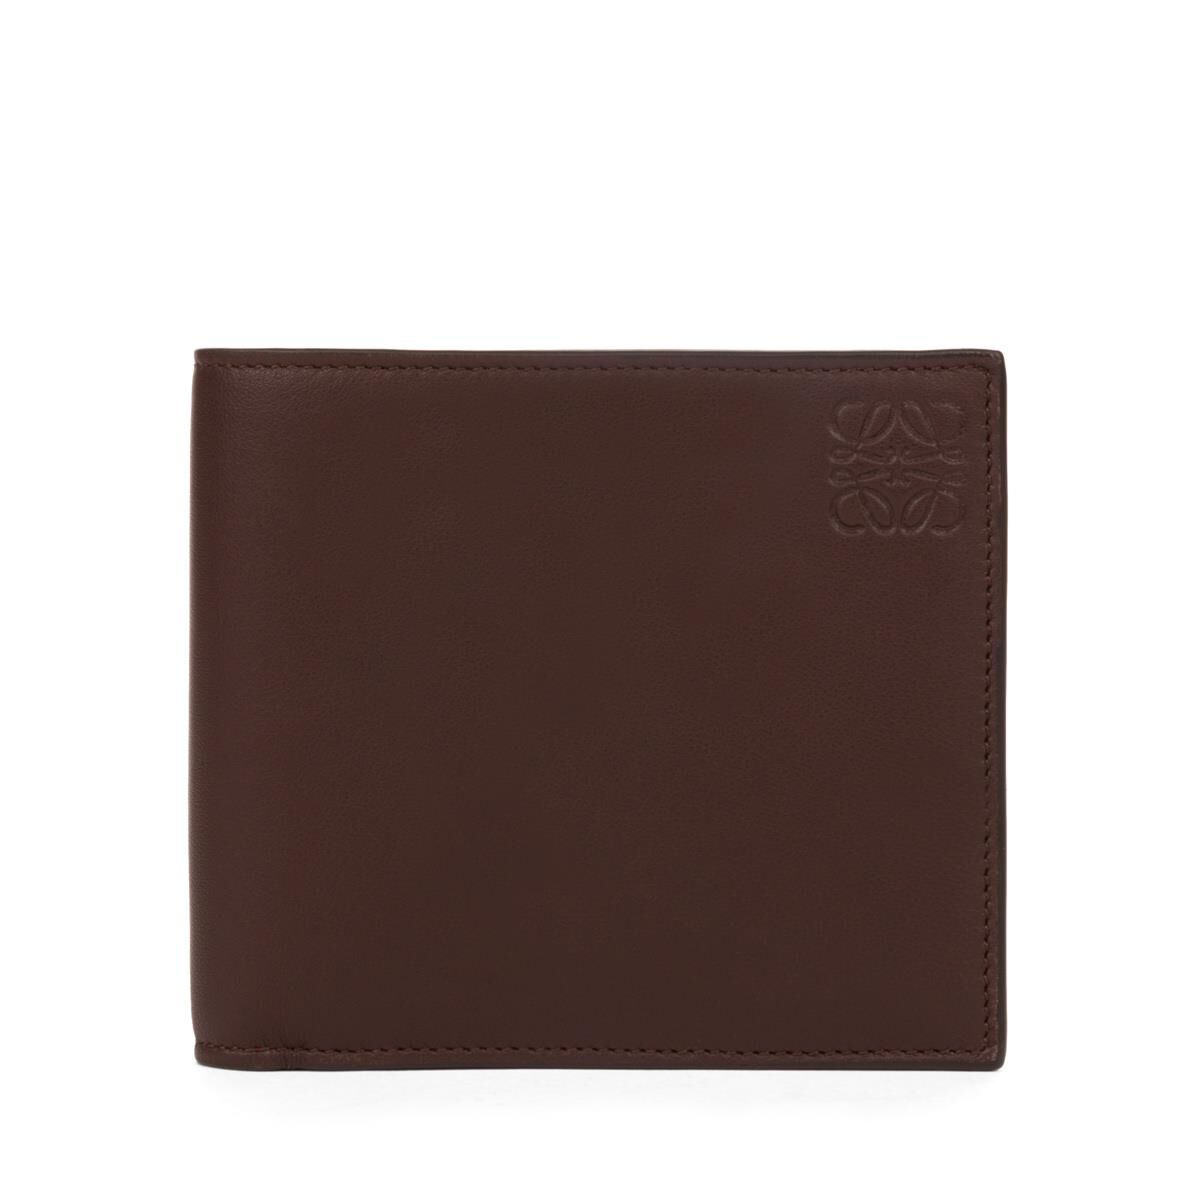 LOEWE Billetero Chocolate/Burdeos all